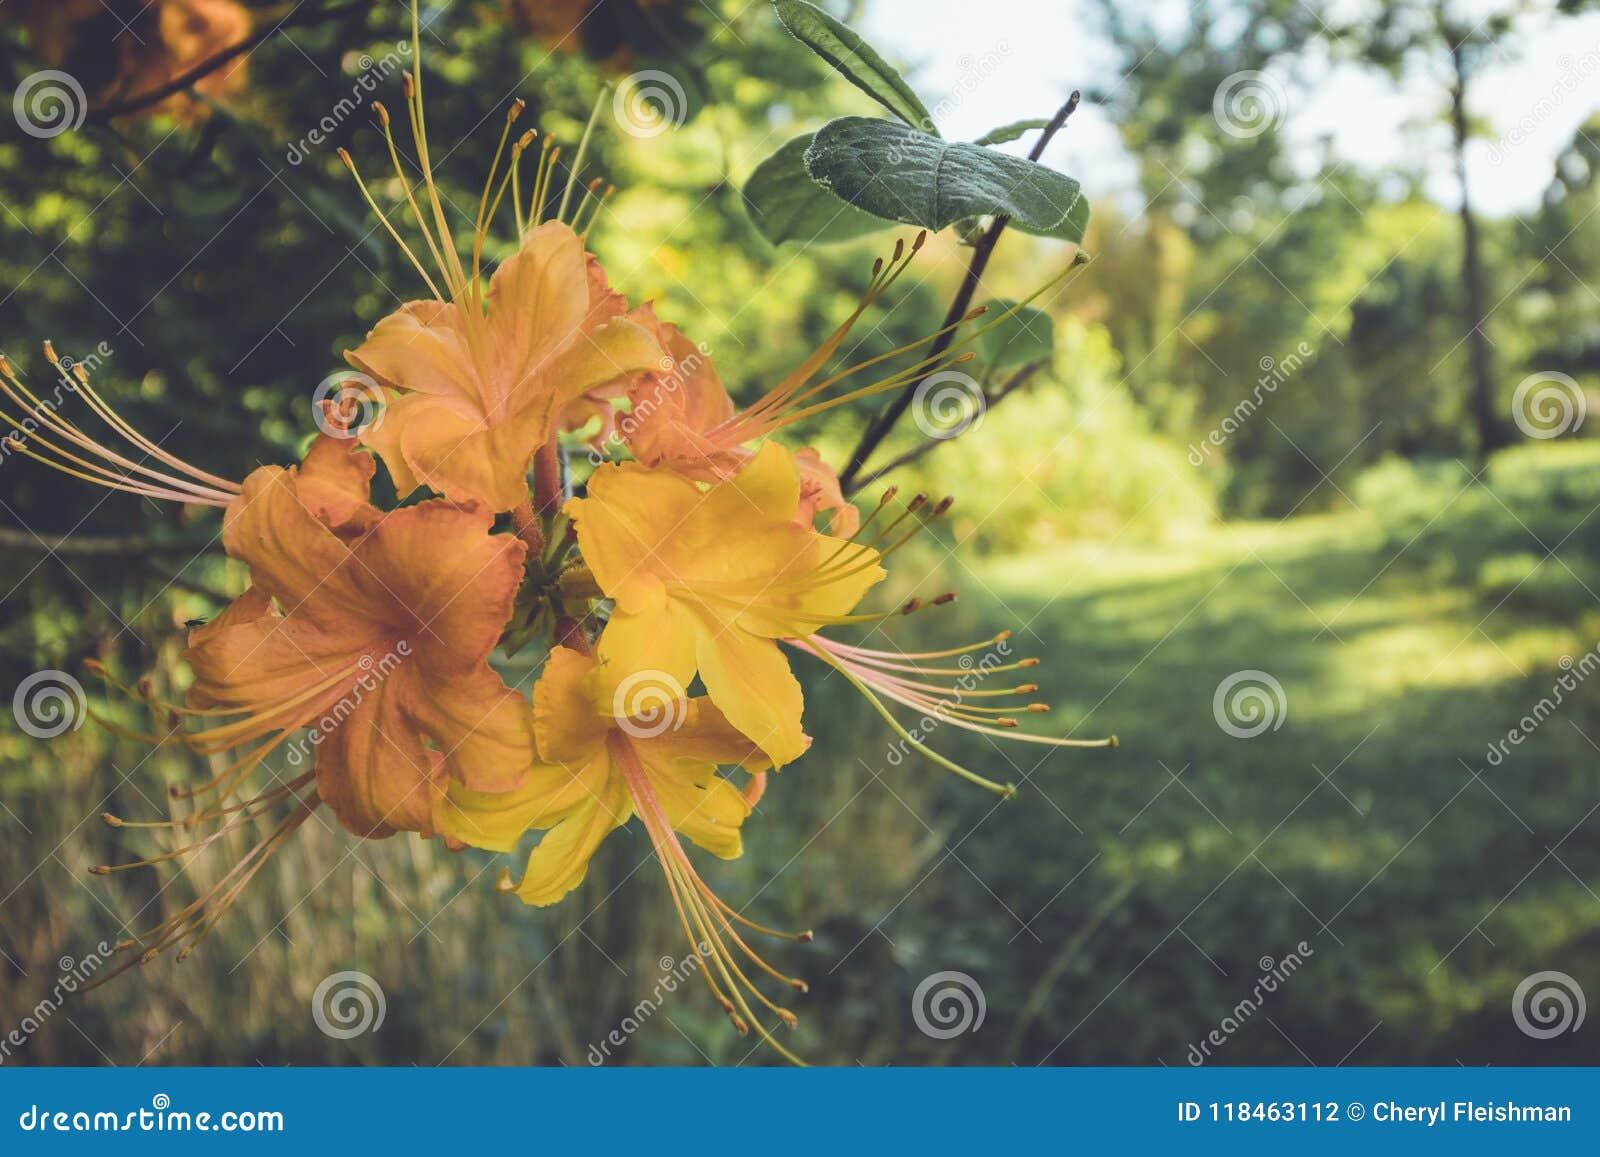 Flame Azalea Orange Bloom Flowers In Late Spring At Dusk In Vintage